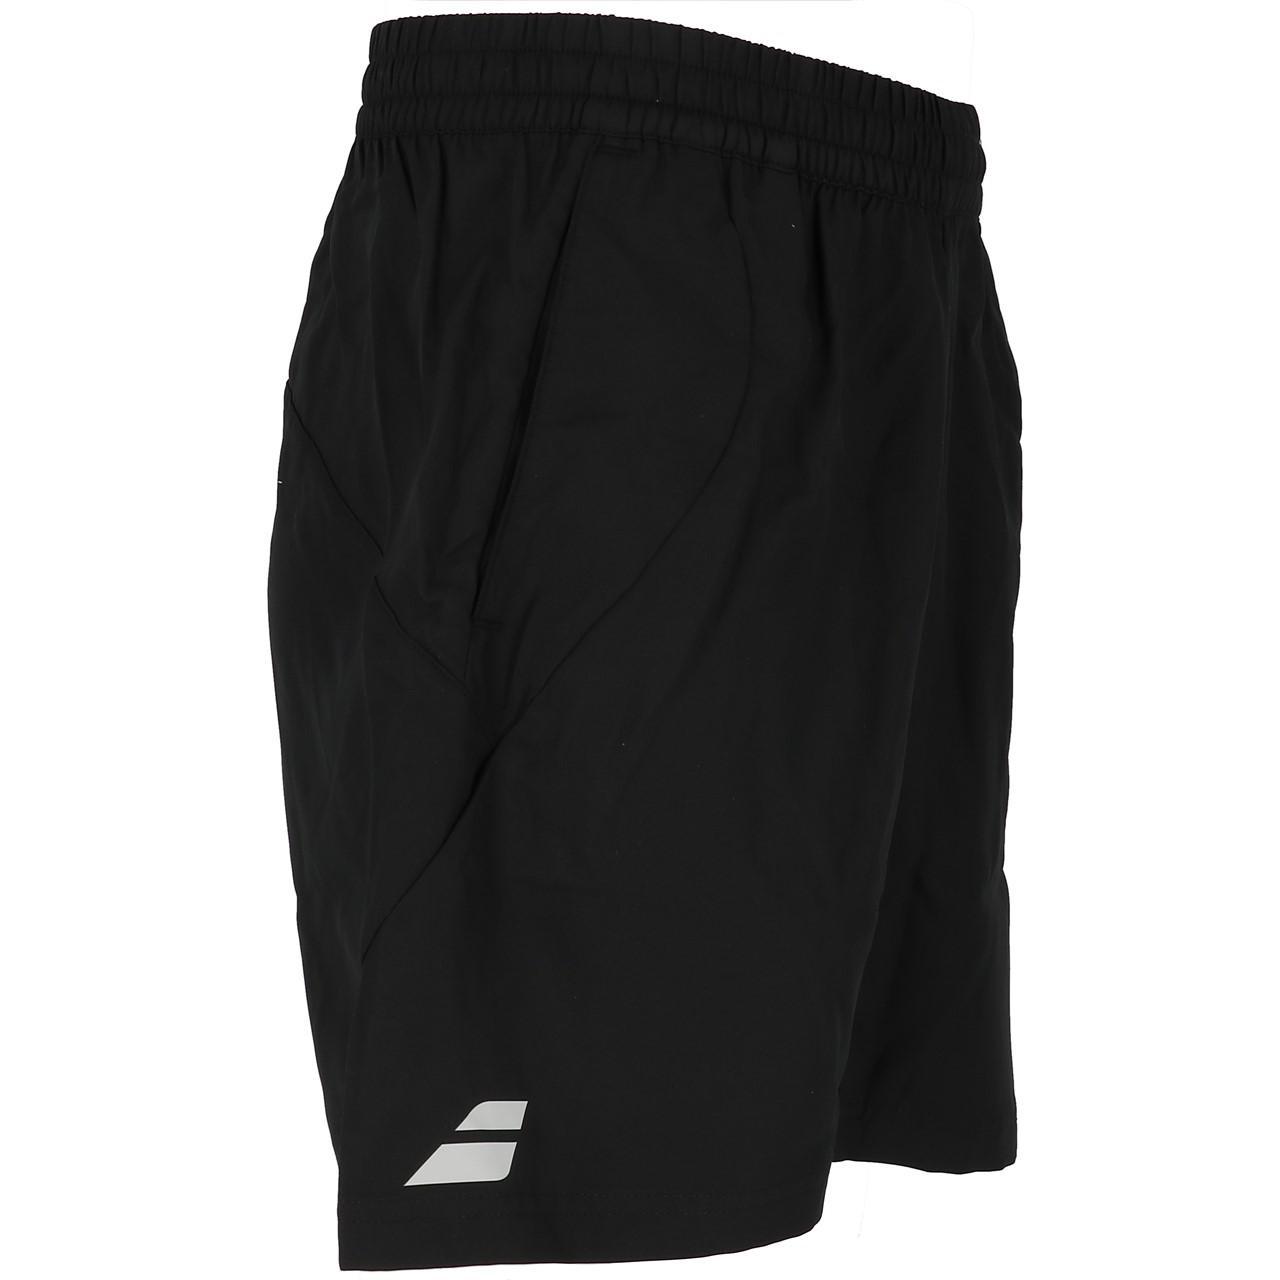 Shorts-Tennis-Babolat-Core-Shorts-8-Men-Black-Black-71700-New thumbnail 4